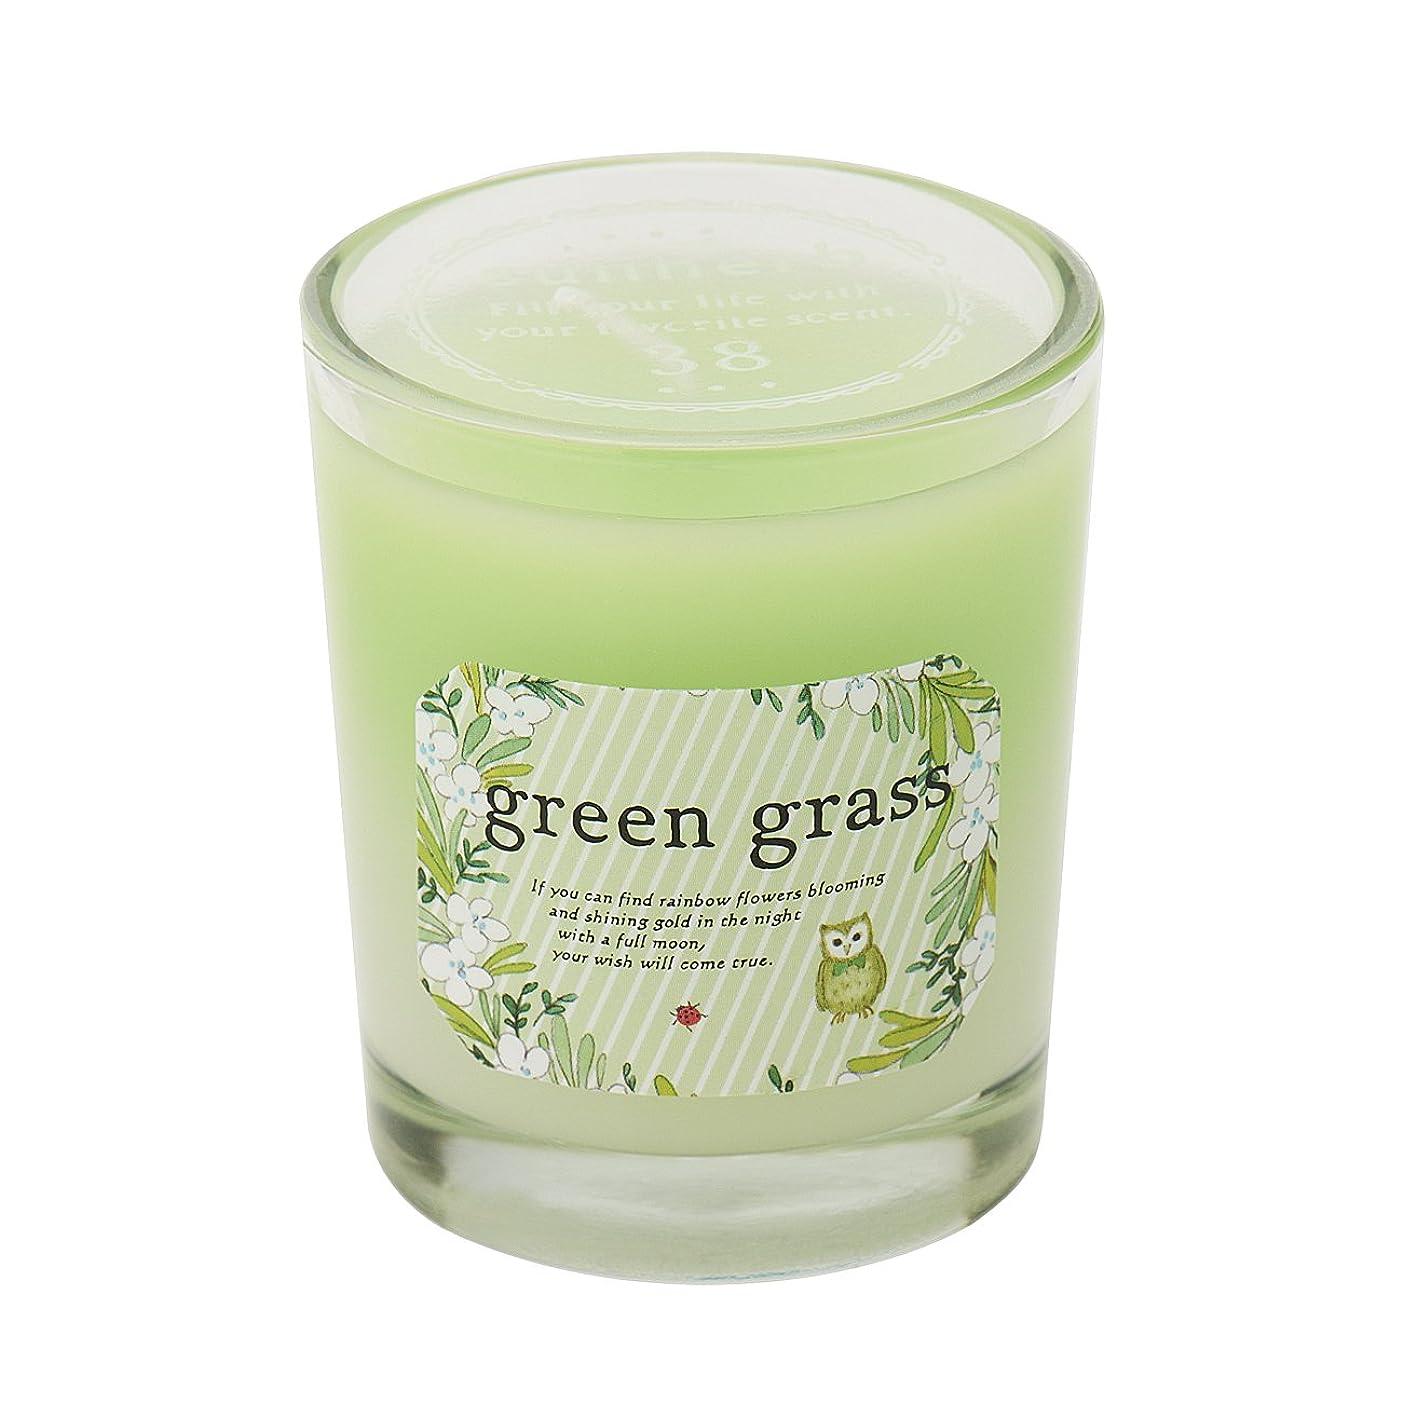 陰気もう一度自然公園サンハーブ グラスキャンドル グリーングラス 35g(グラデーションろうそく 燃焼時間約10時間 爽やかでちょっと大人の香り)